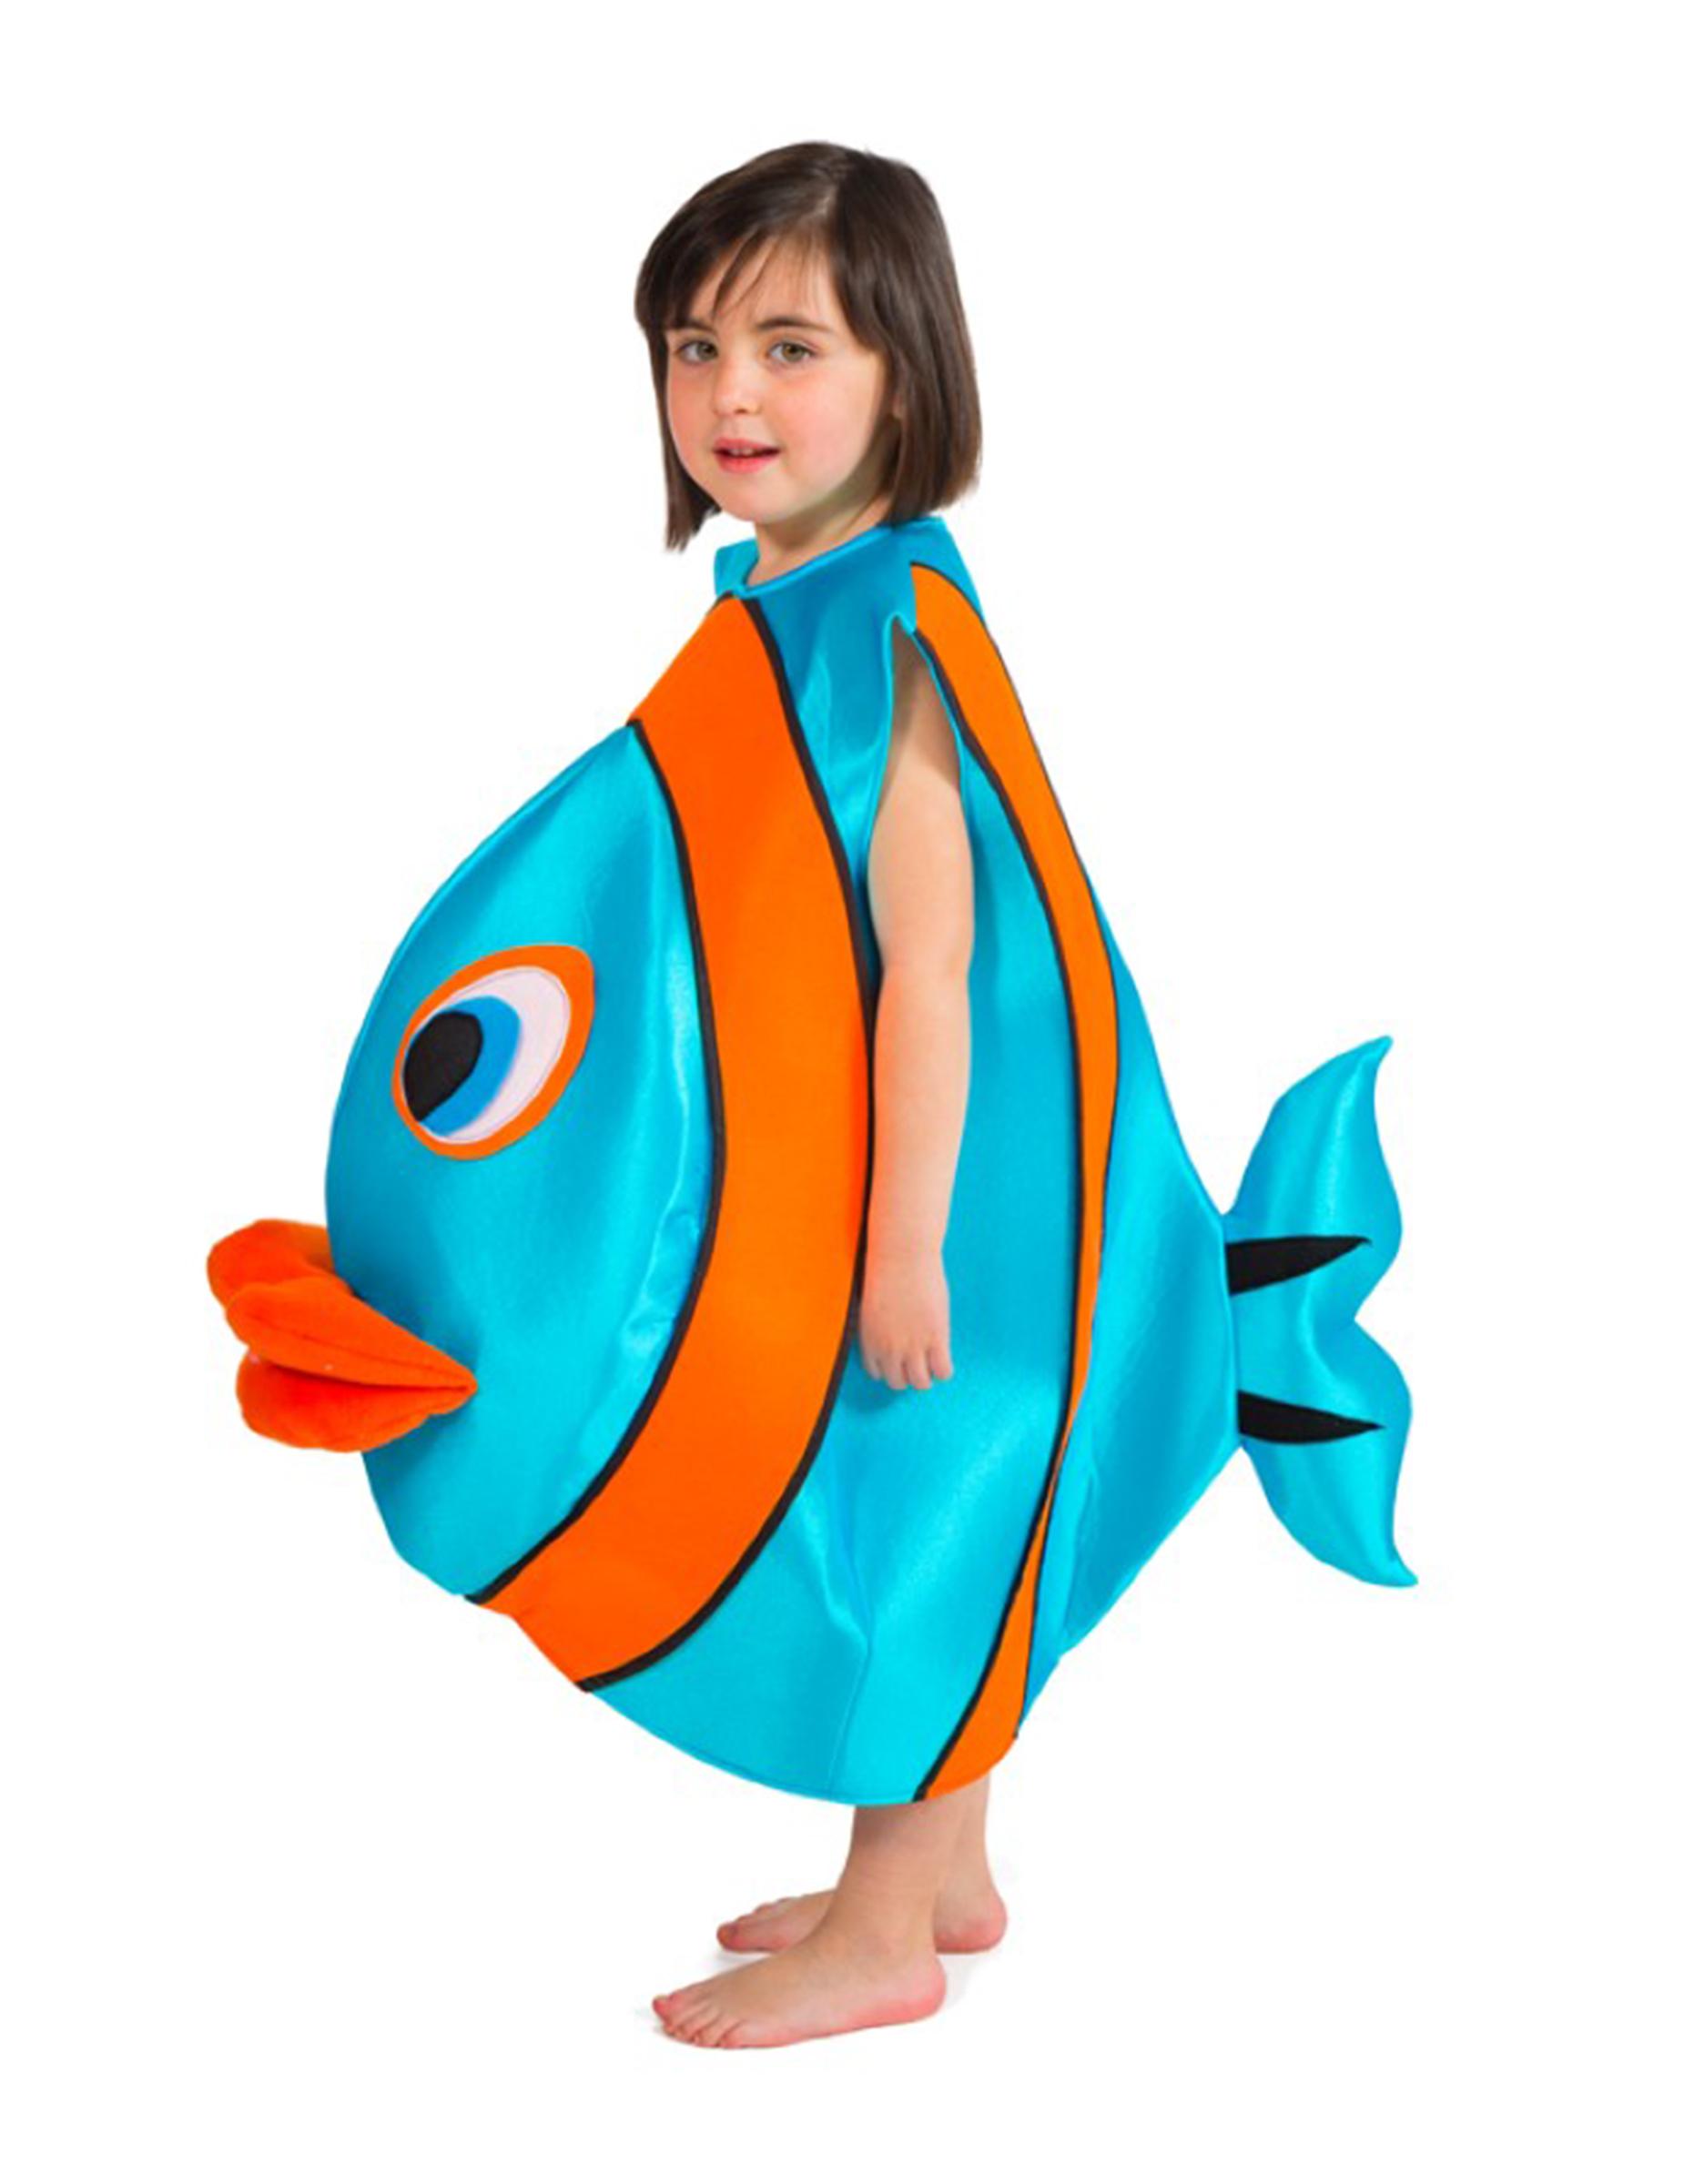 Kostüm Fisch Kind : fisch kost m f r kinder kost me f r kinder und g nstige faschingskost me vegaoo ~ Buech-reservation.com Haus und Dekorationen